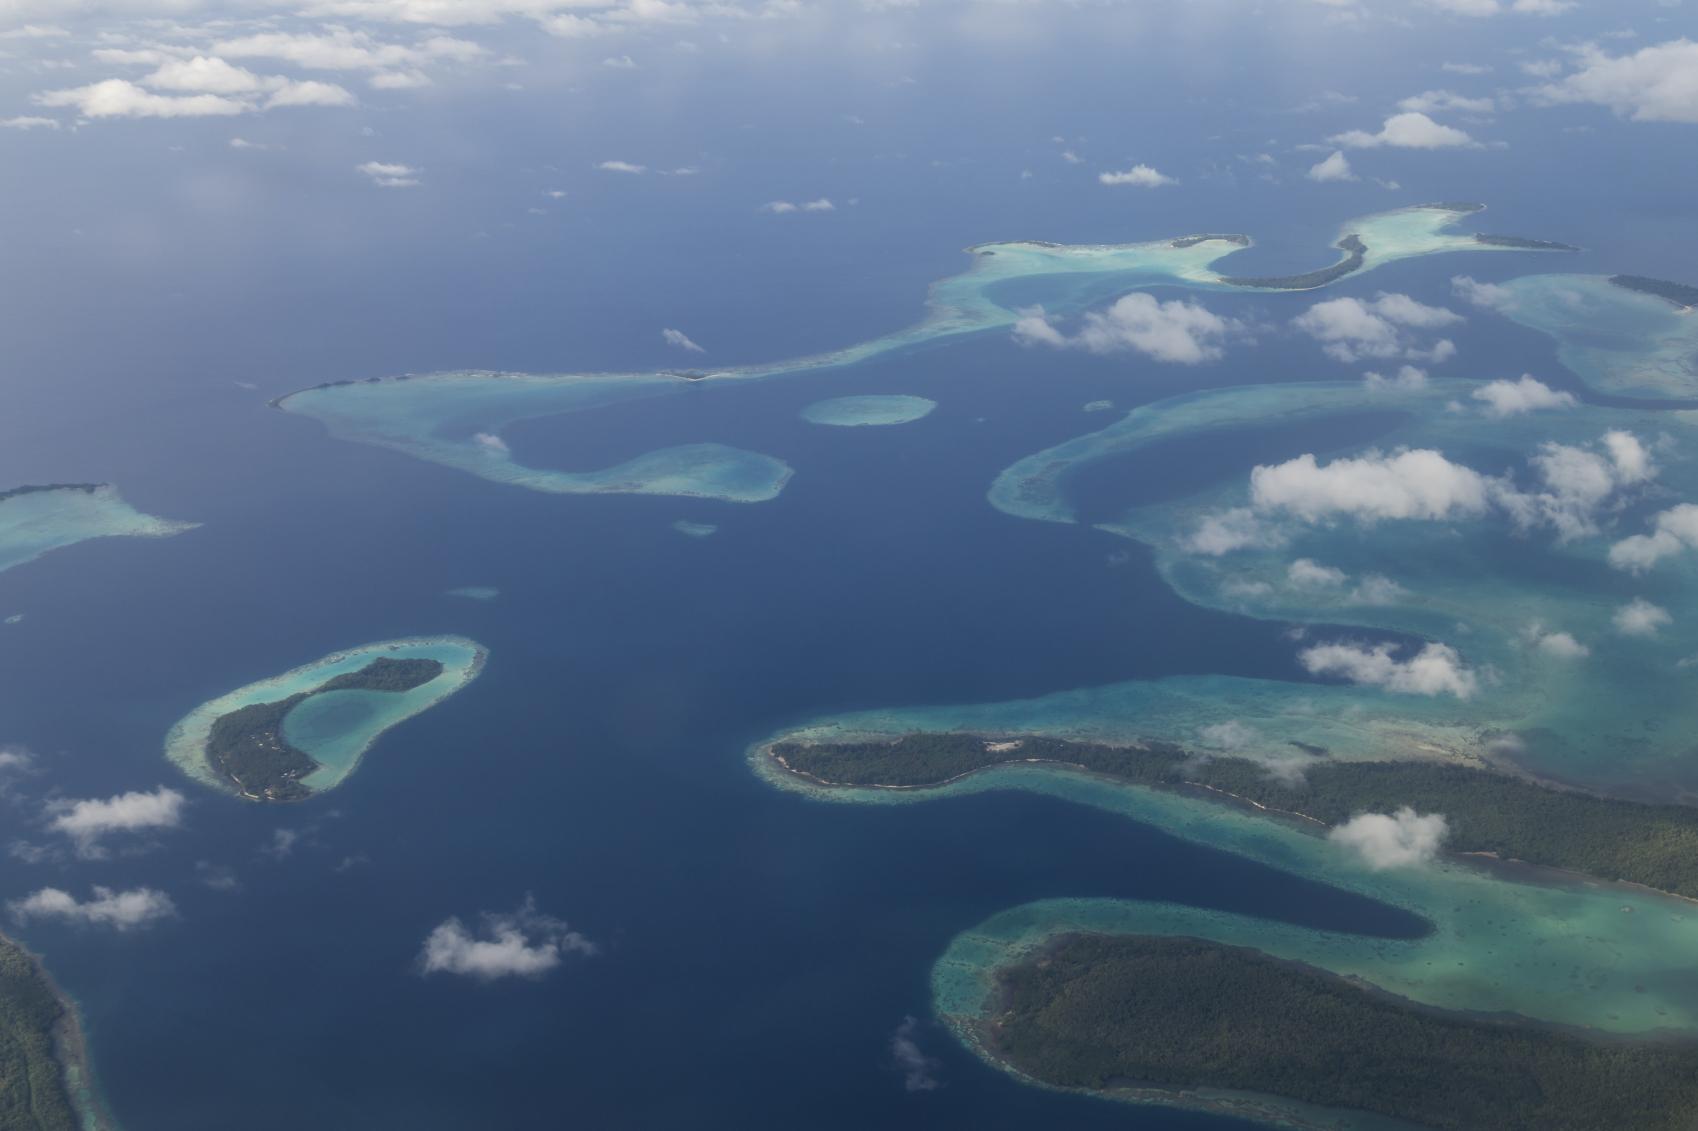 5 ilhas do pacífico já desapareceram devido ao aumento do nível do mar